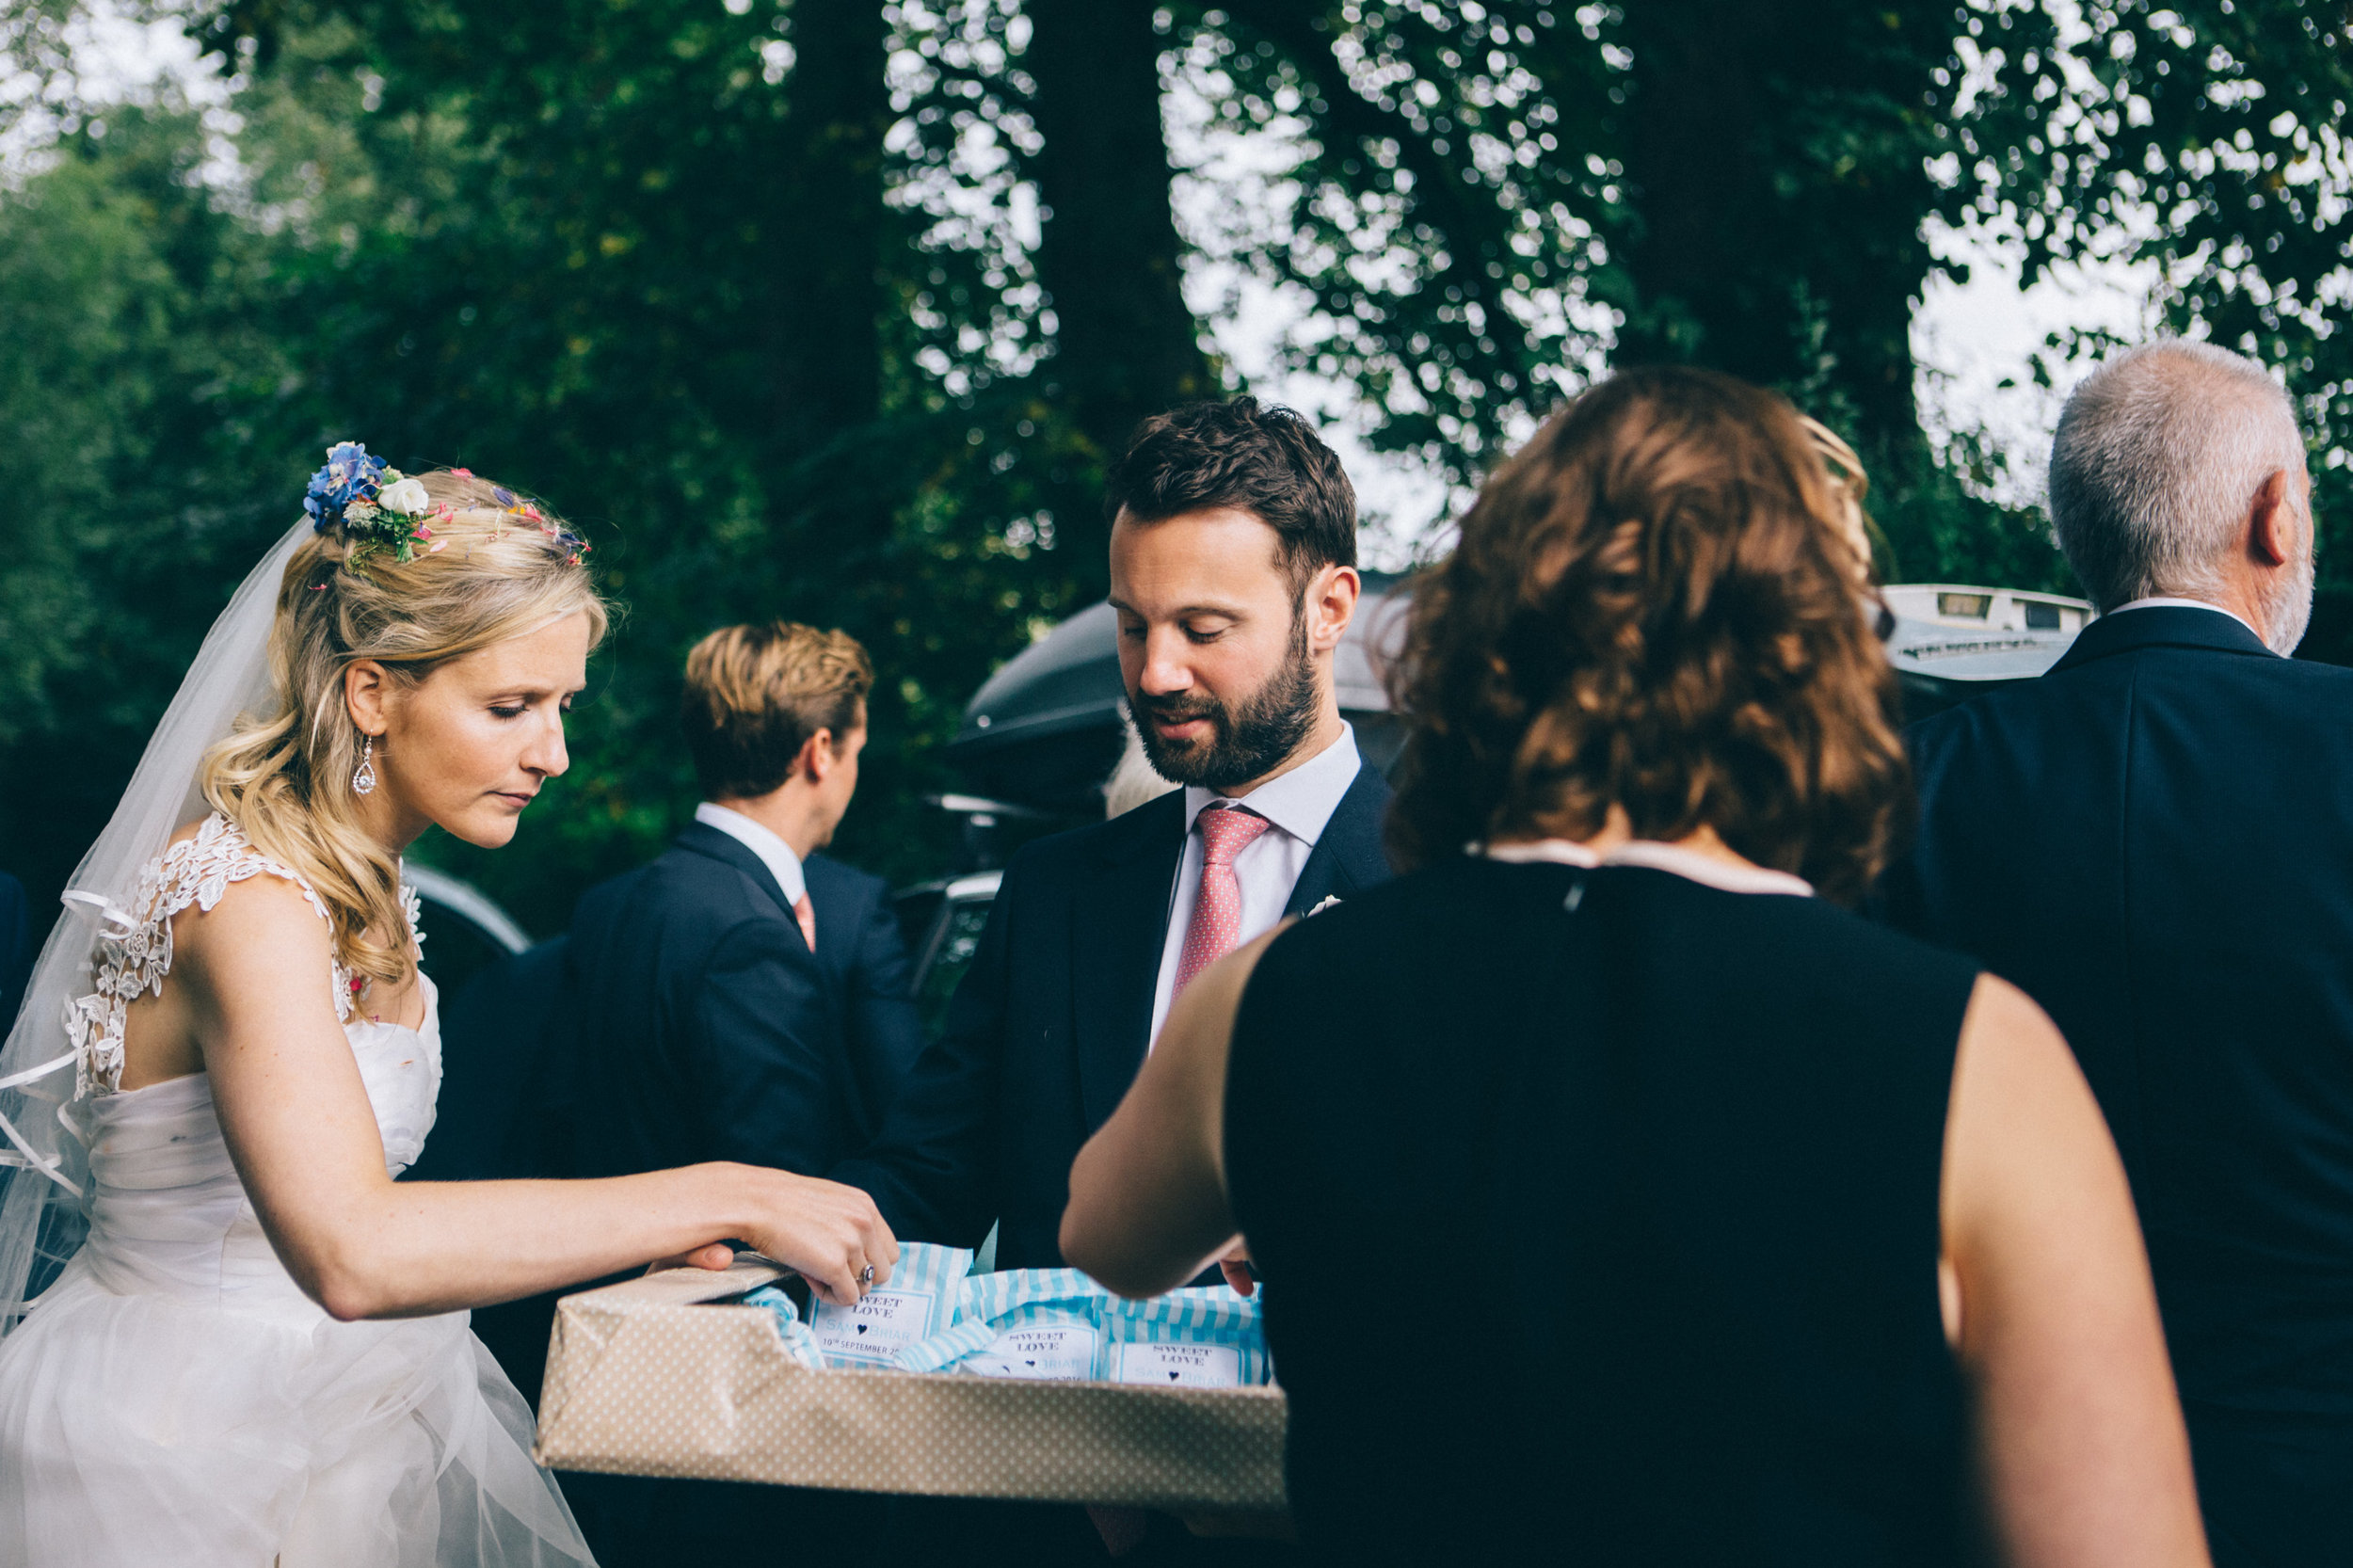 uk wedding photographer artistic wedding photography-84.jpg